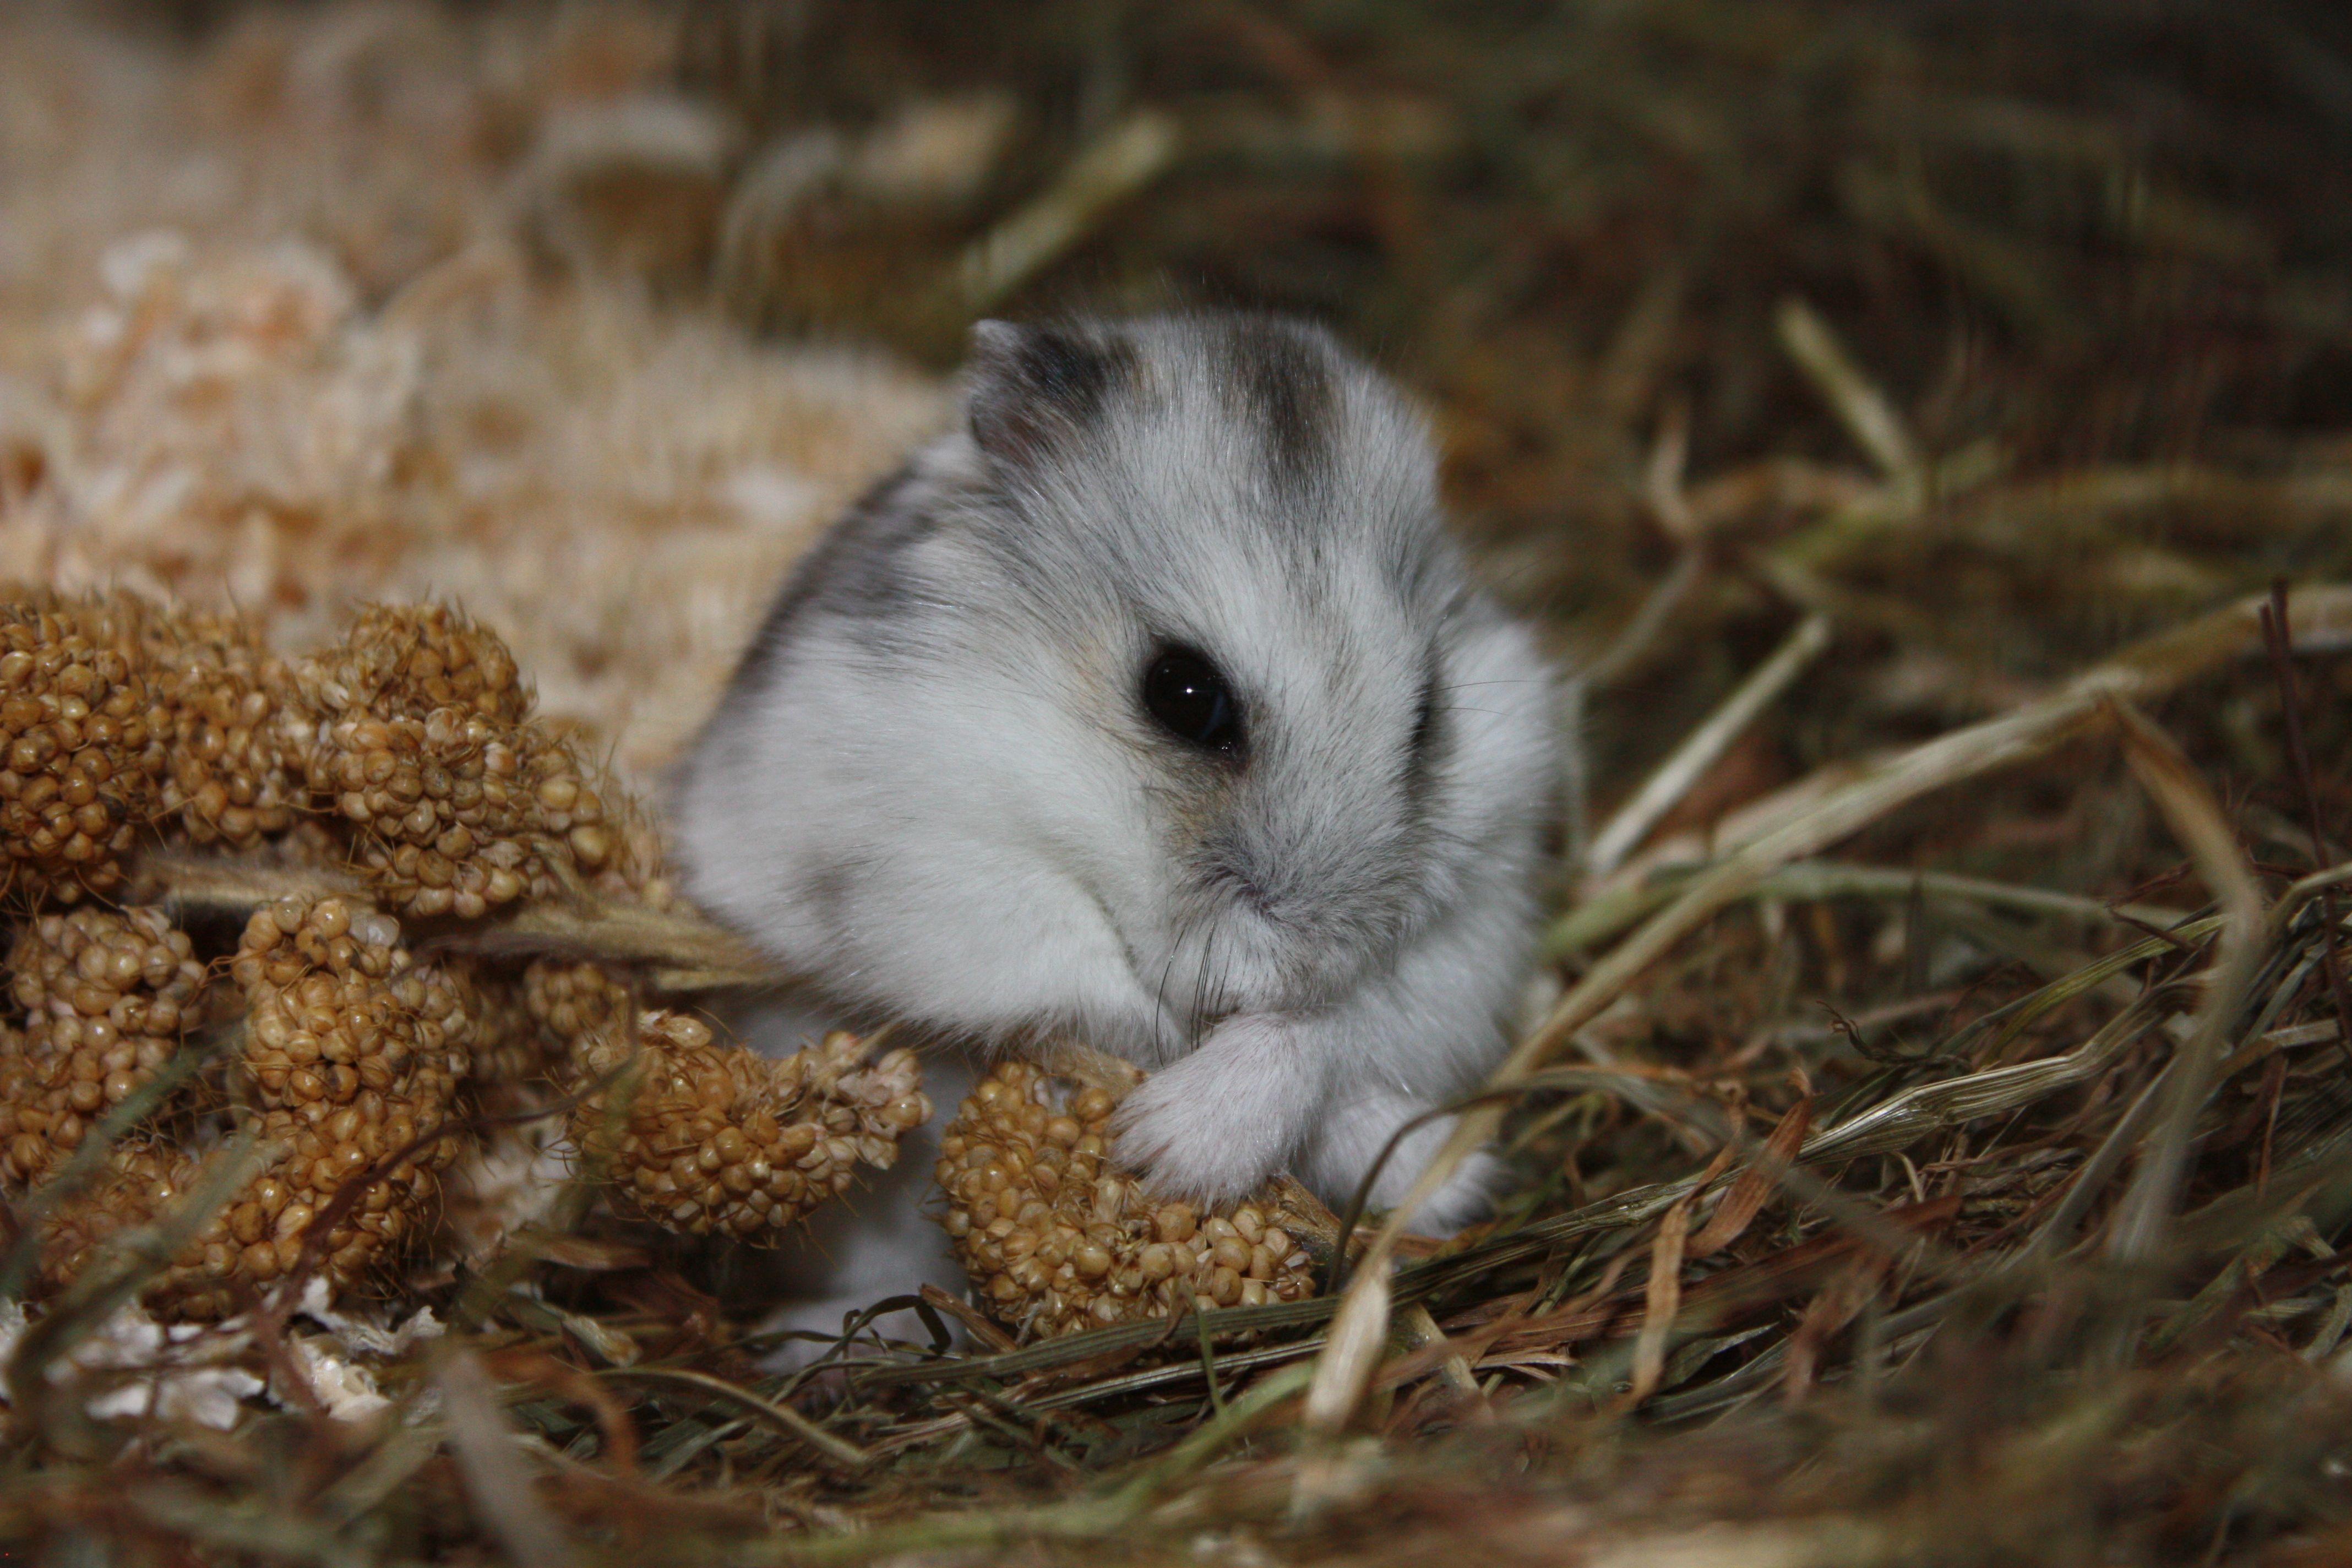 Gambar Manis Imut Margasatwa Tenang Kecil Binatang